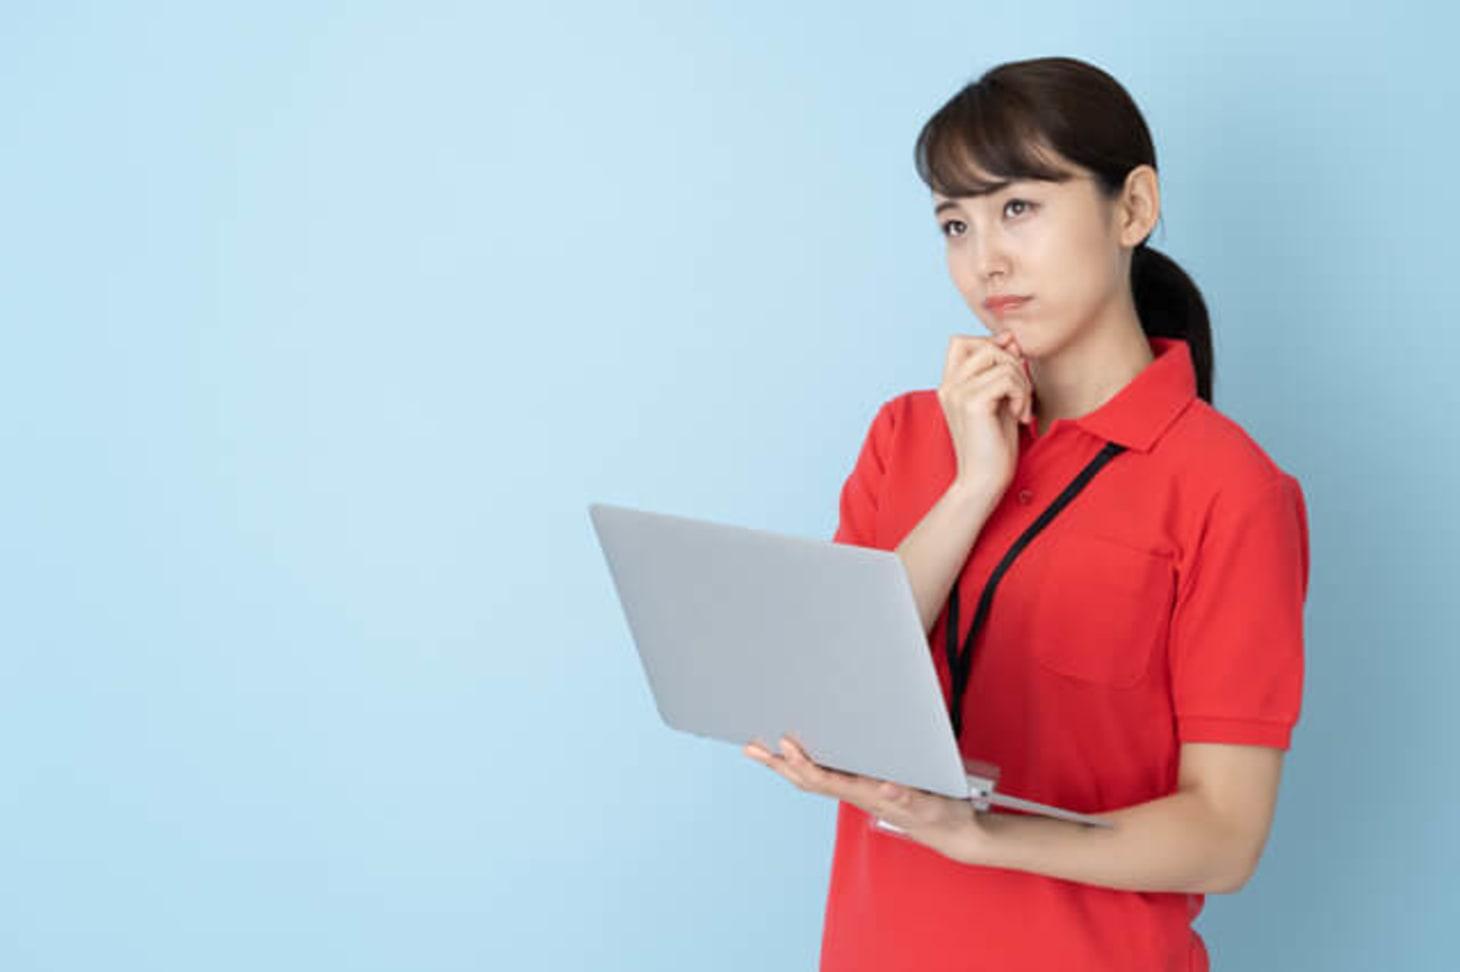 サービス提供責任者とサービス管理責任者の違いとは?